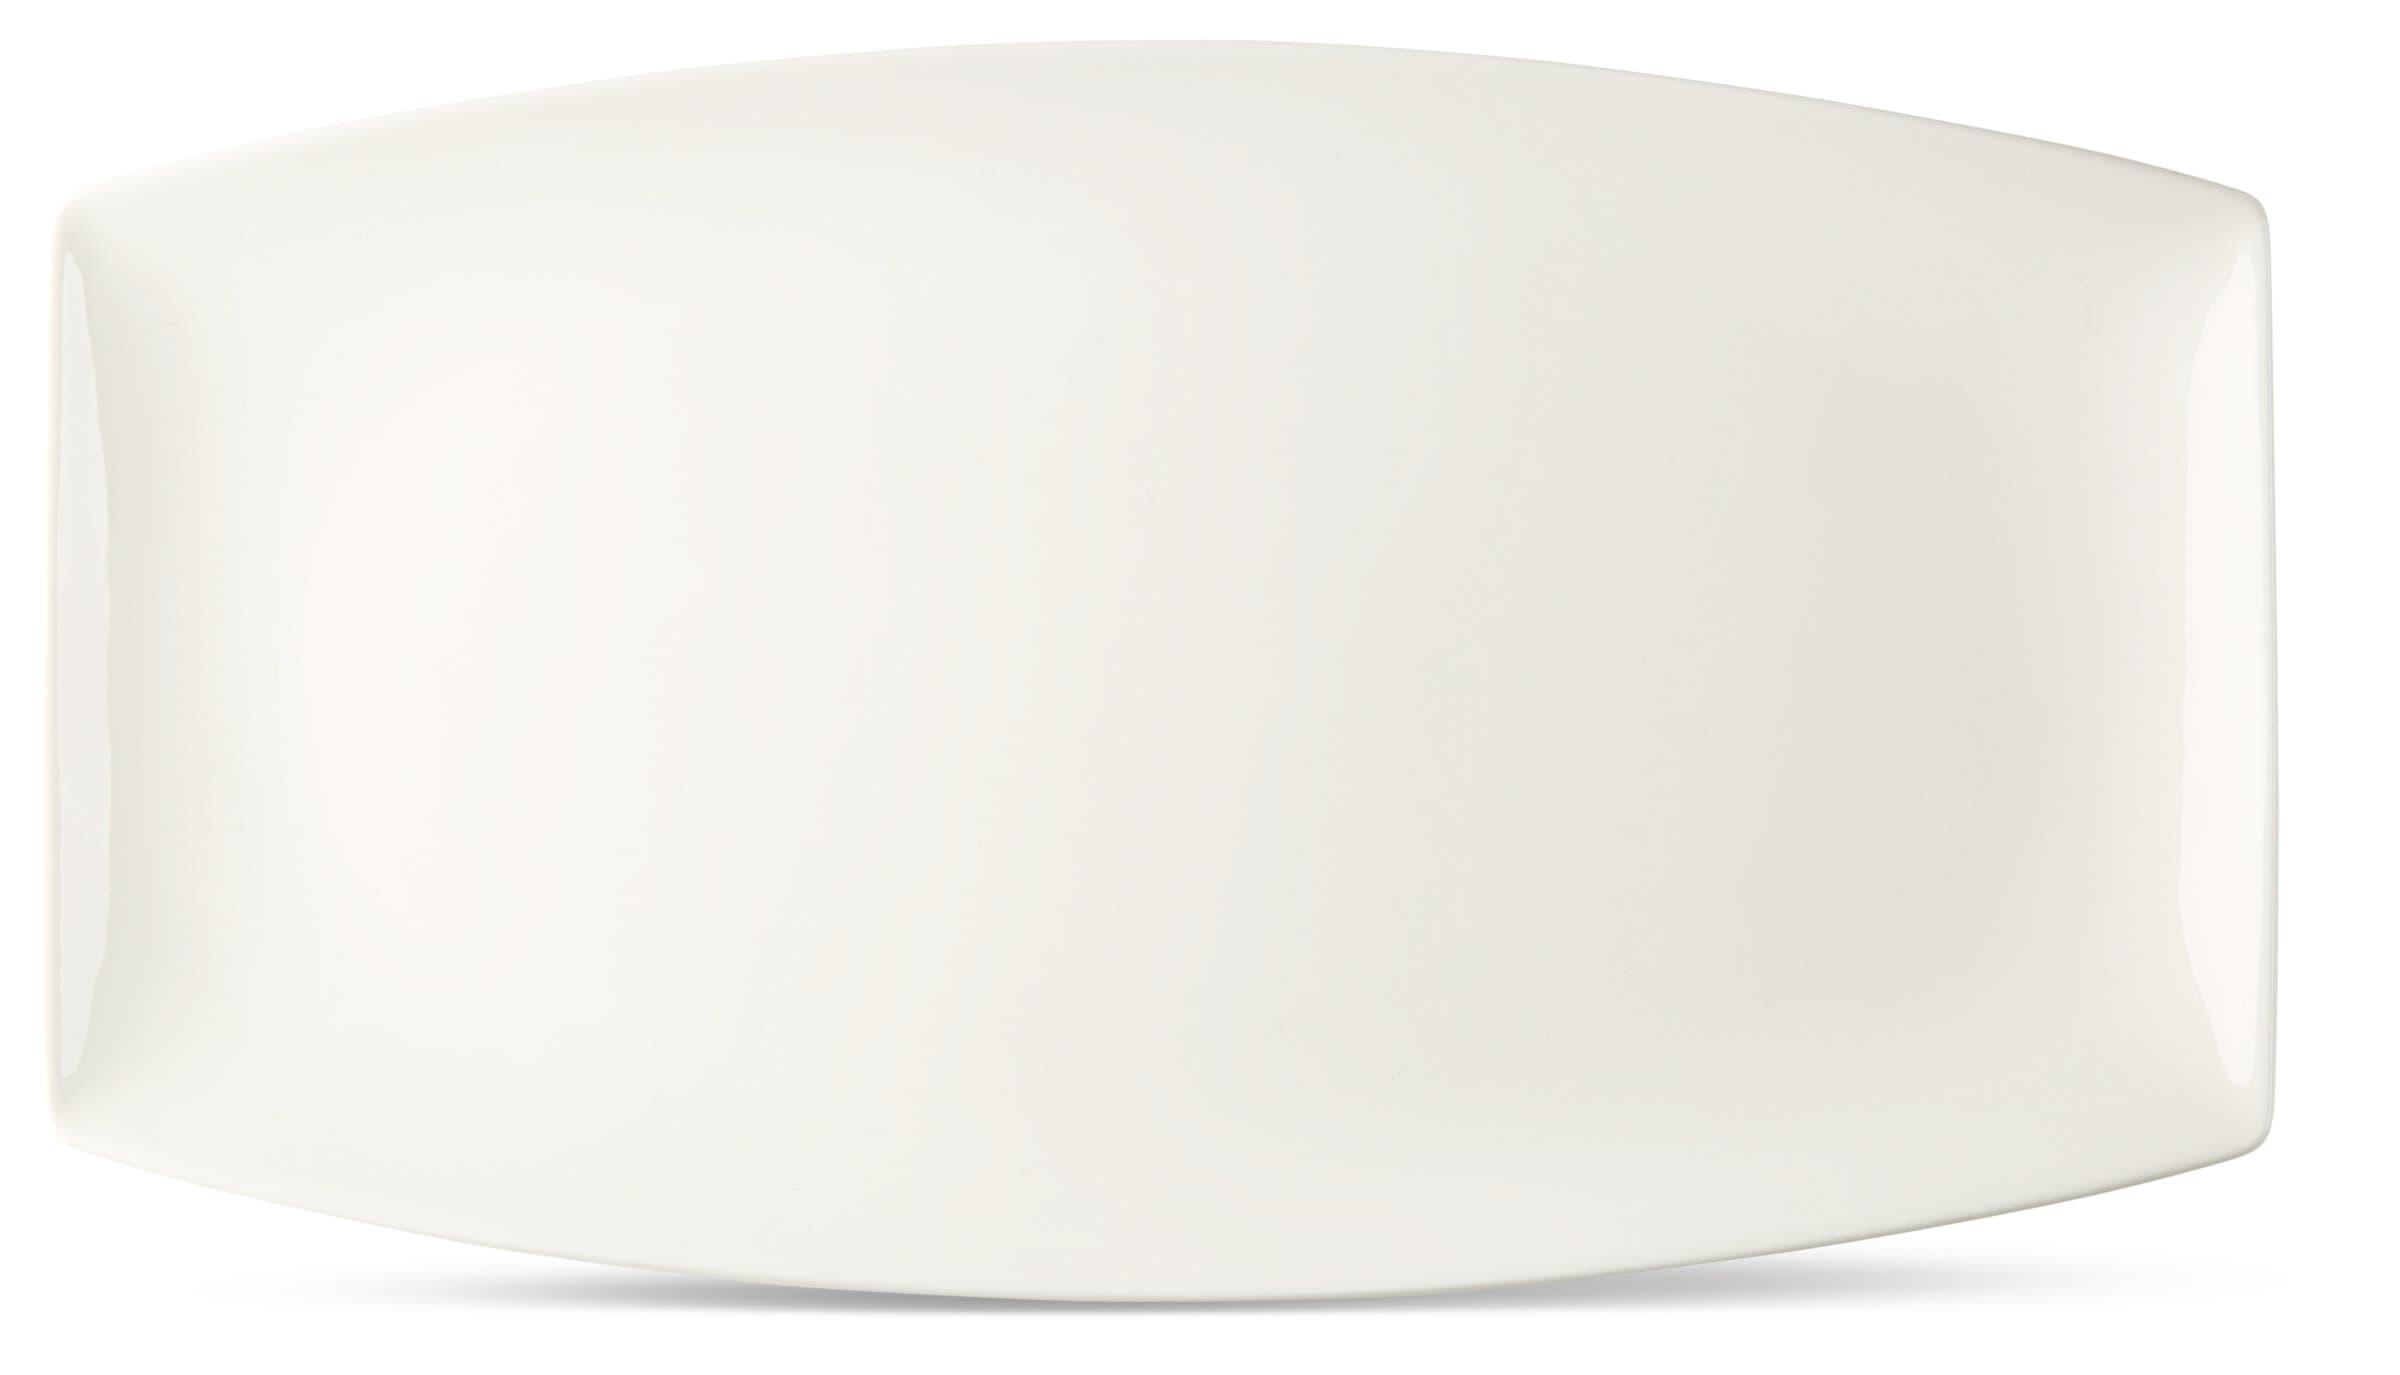 Cucina & Tavola FINE LINE Piatto 34x19cm